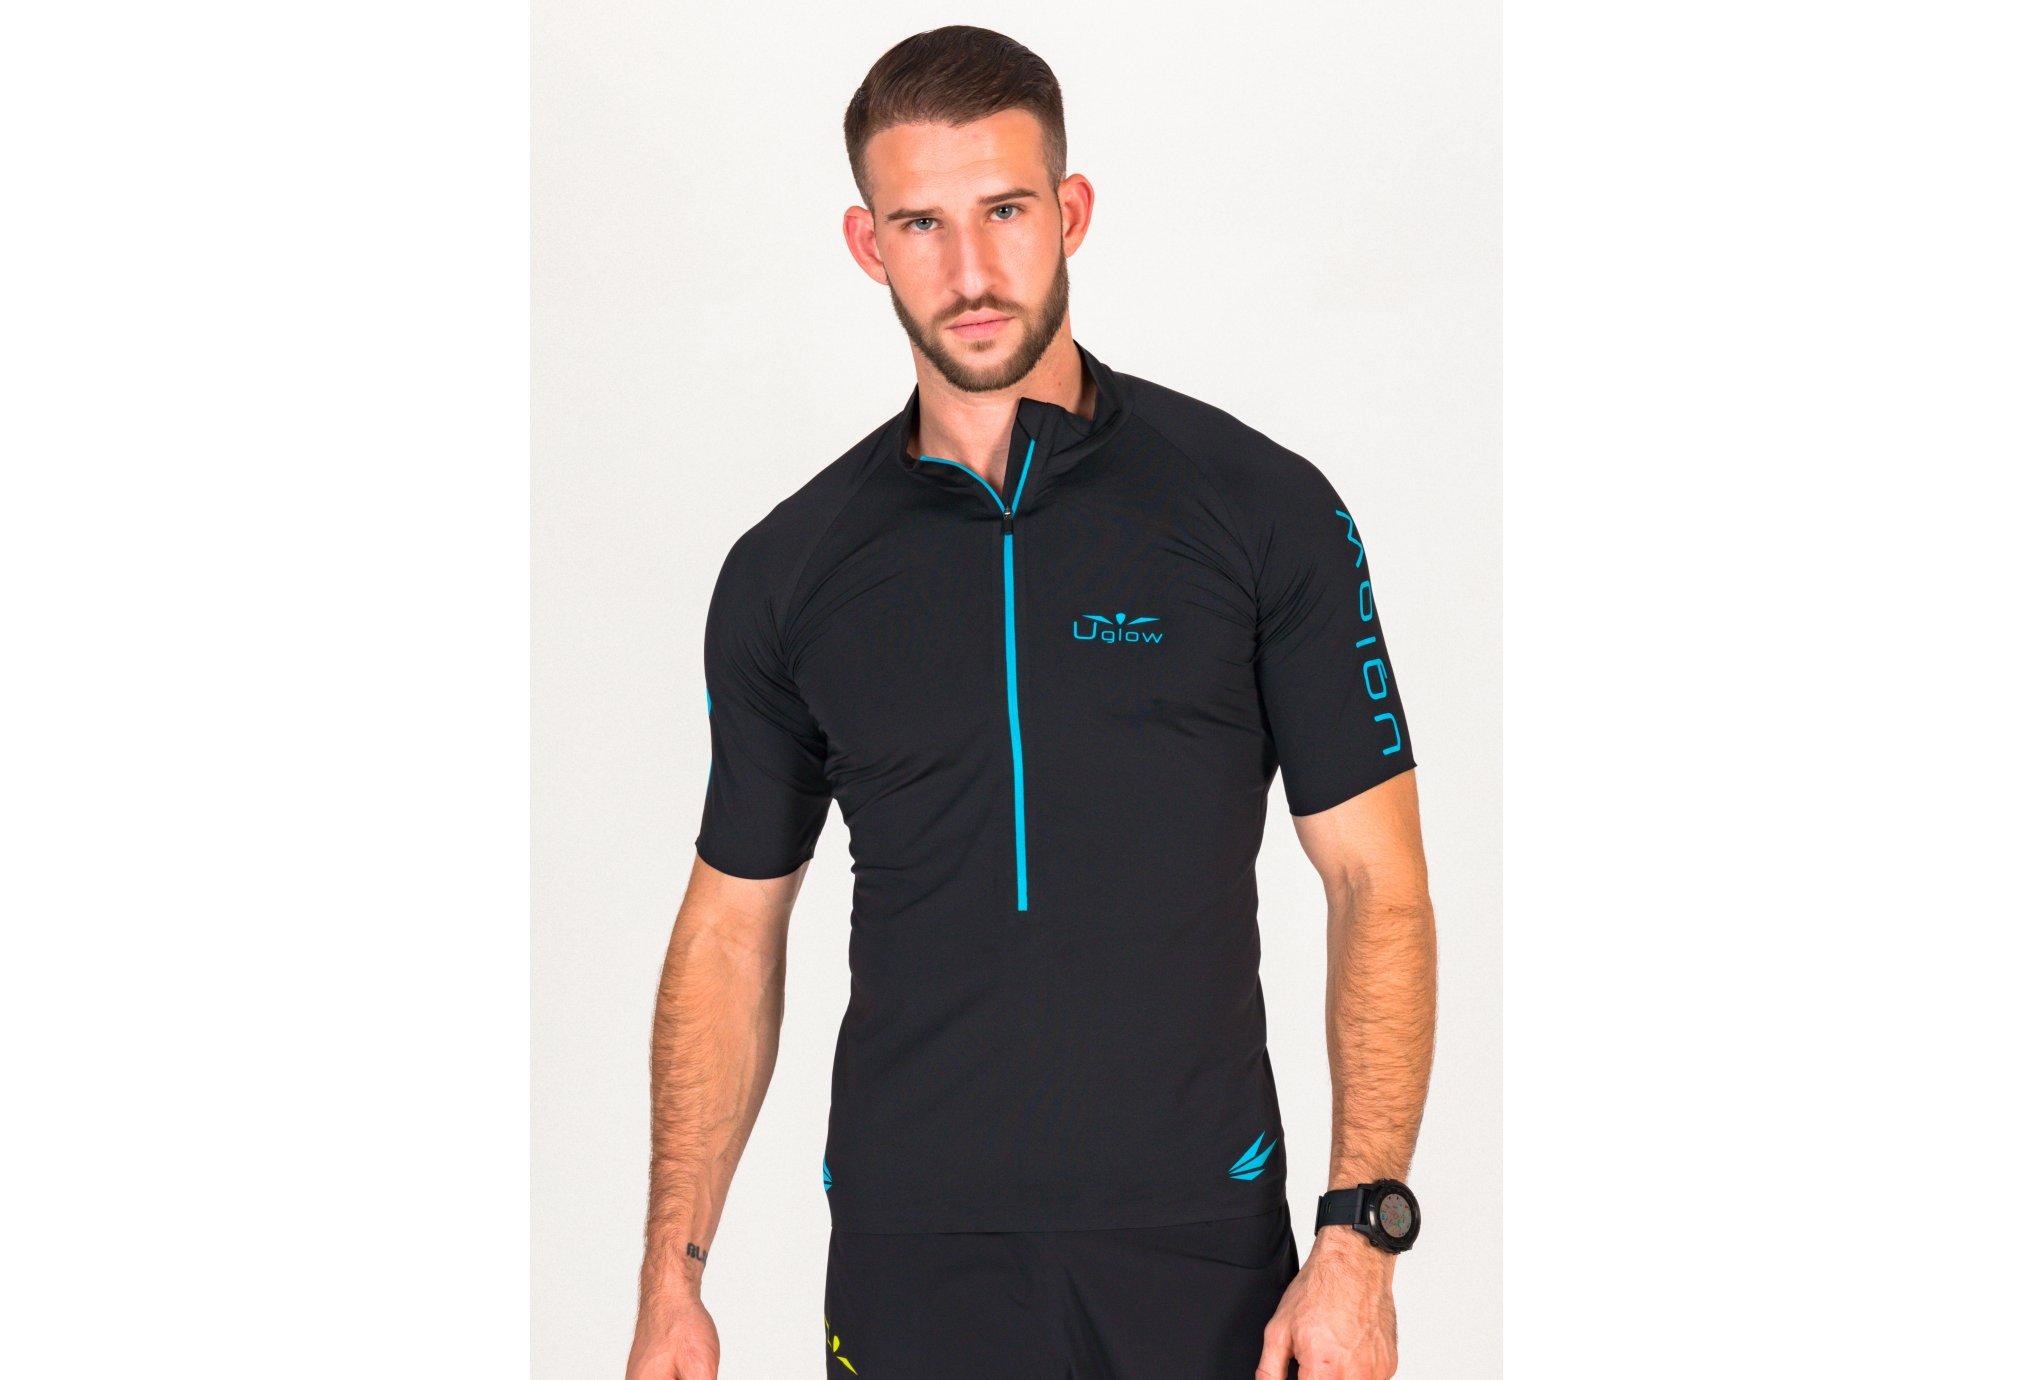 Uglow Ultra 3/4 Zip M Diététique Vêtements homme